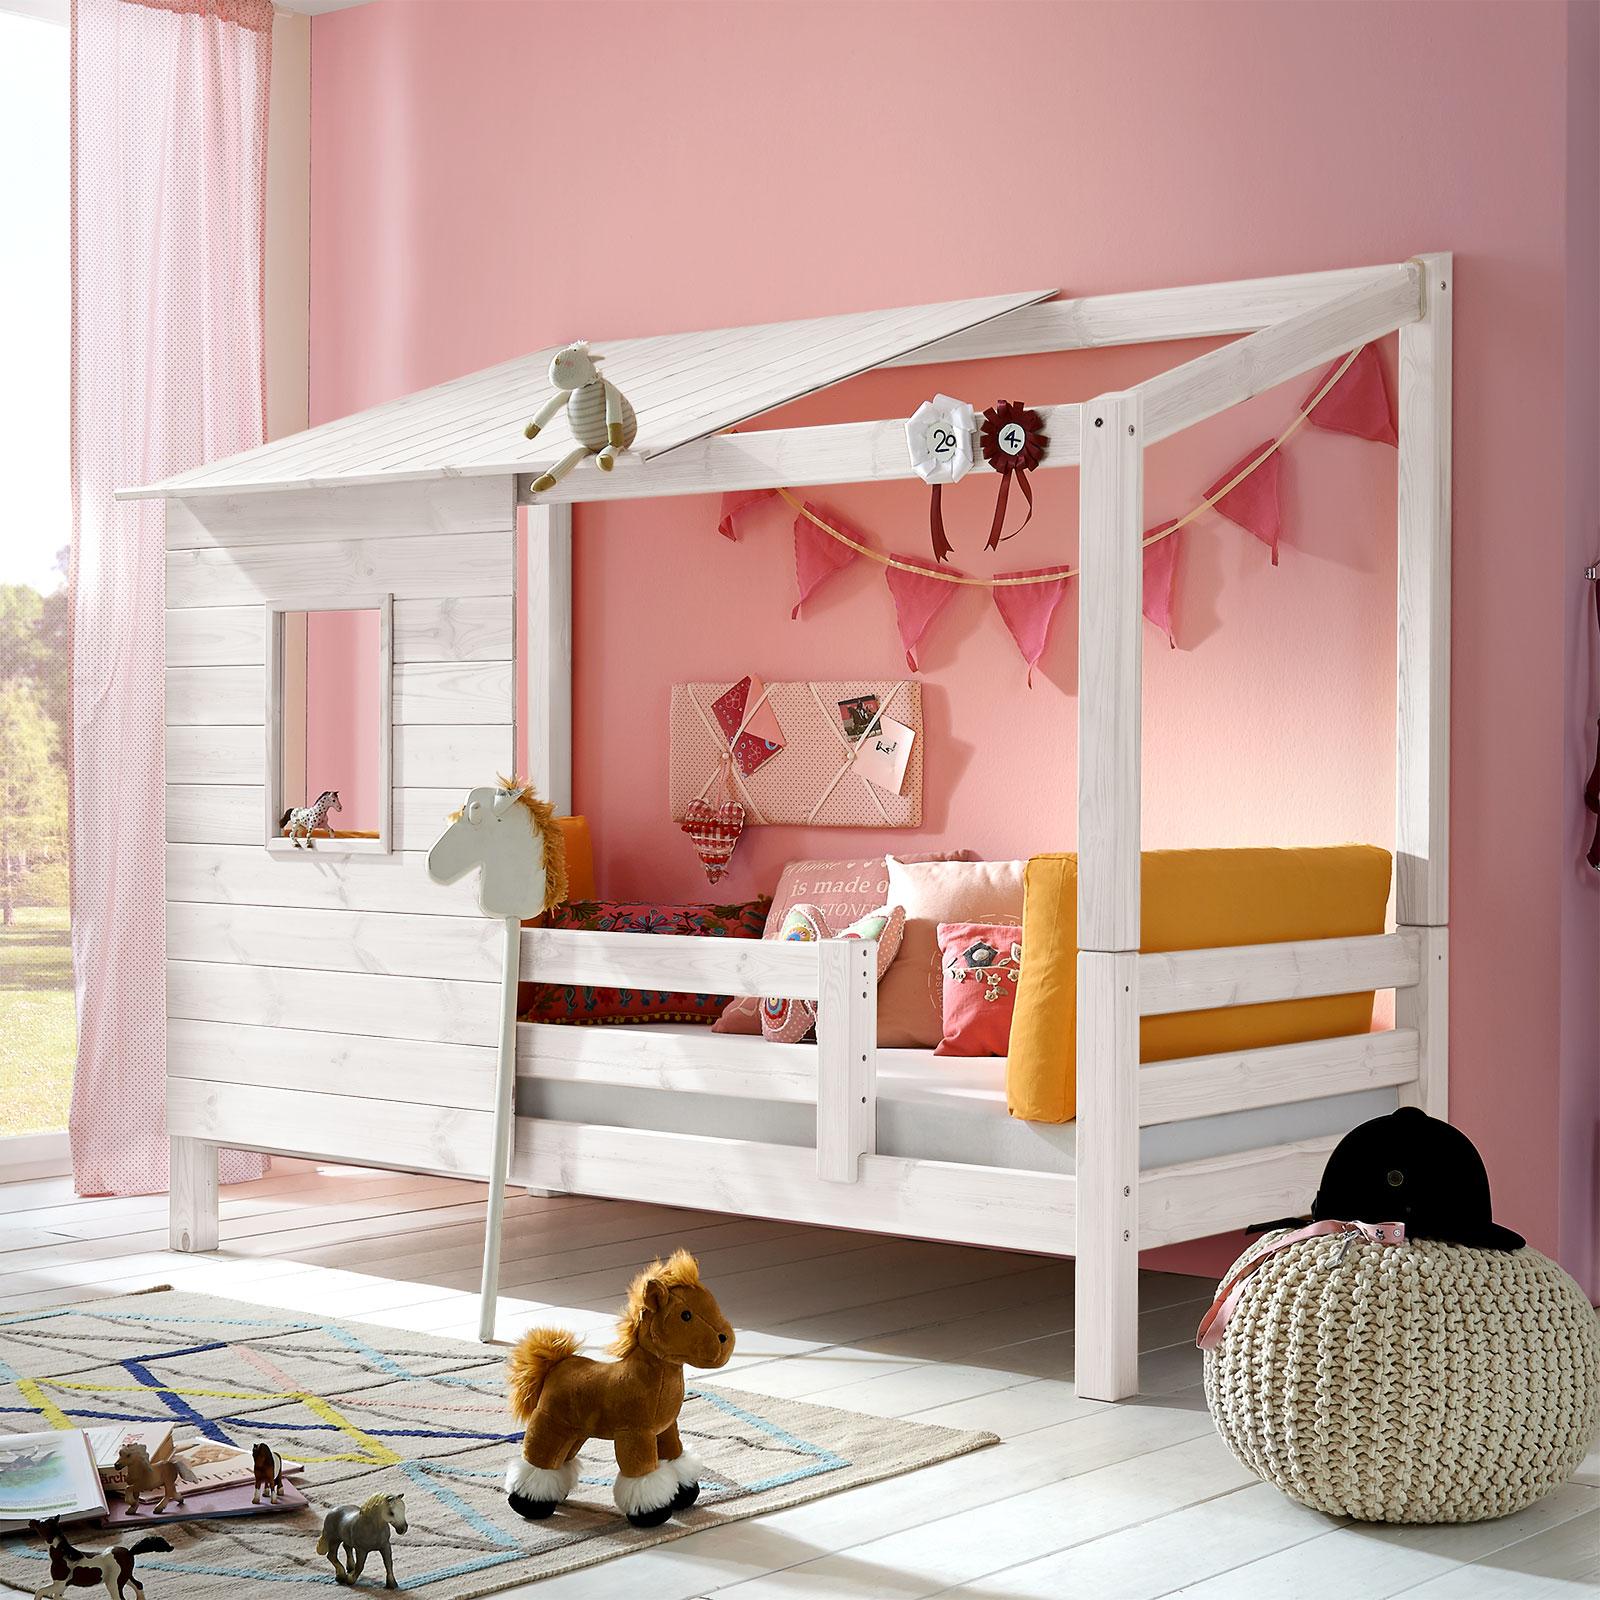 abenteuerbett aus massivholz f r m dchen kids paradise. Black Bedroom Furniture Sets. Home Design Ideas